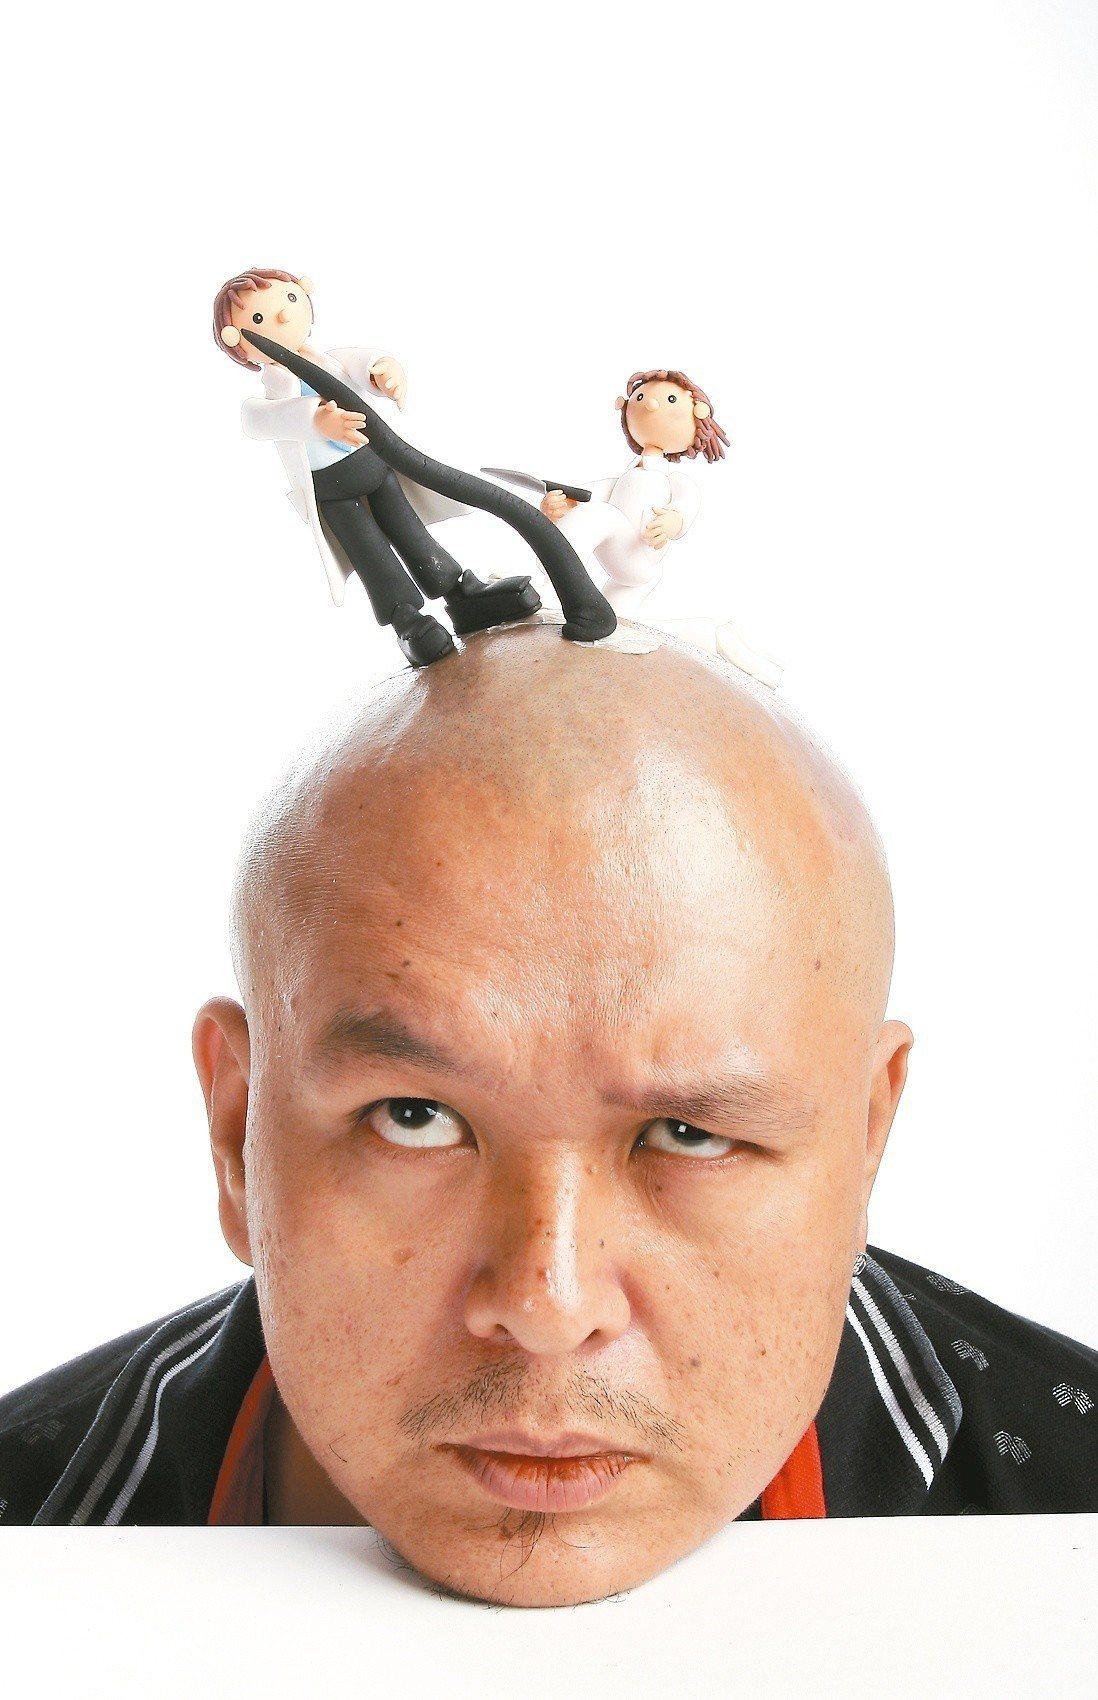 科學證據顯示,我們能透過飲食擁有強健的髮束、減少落髮。本報資料照片